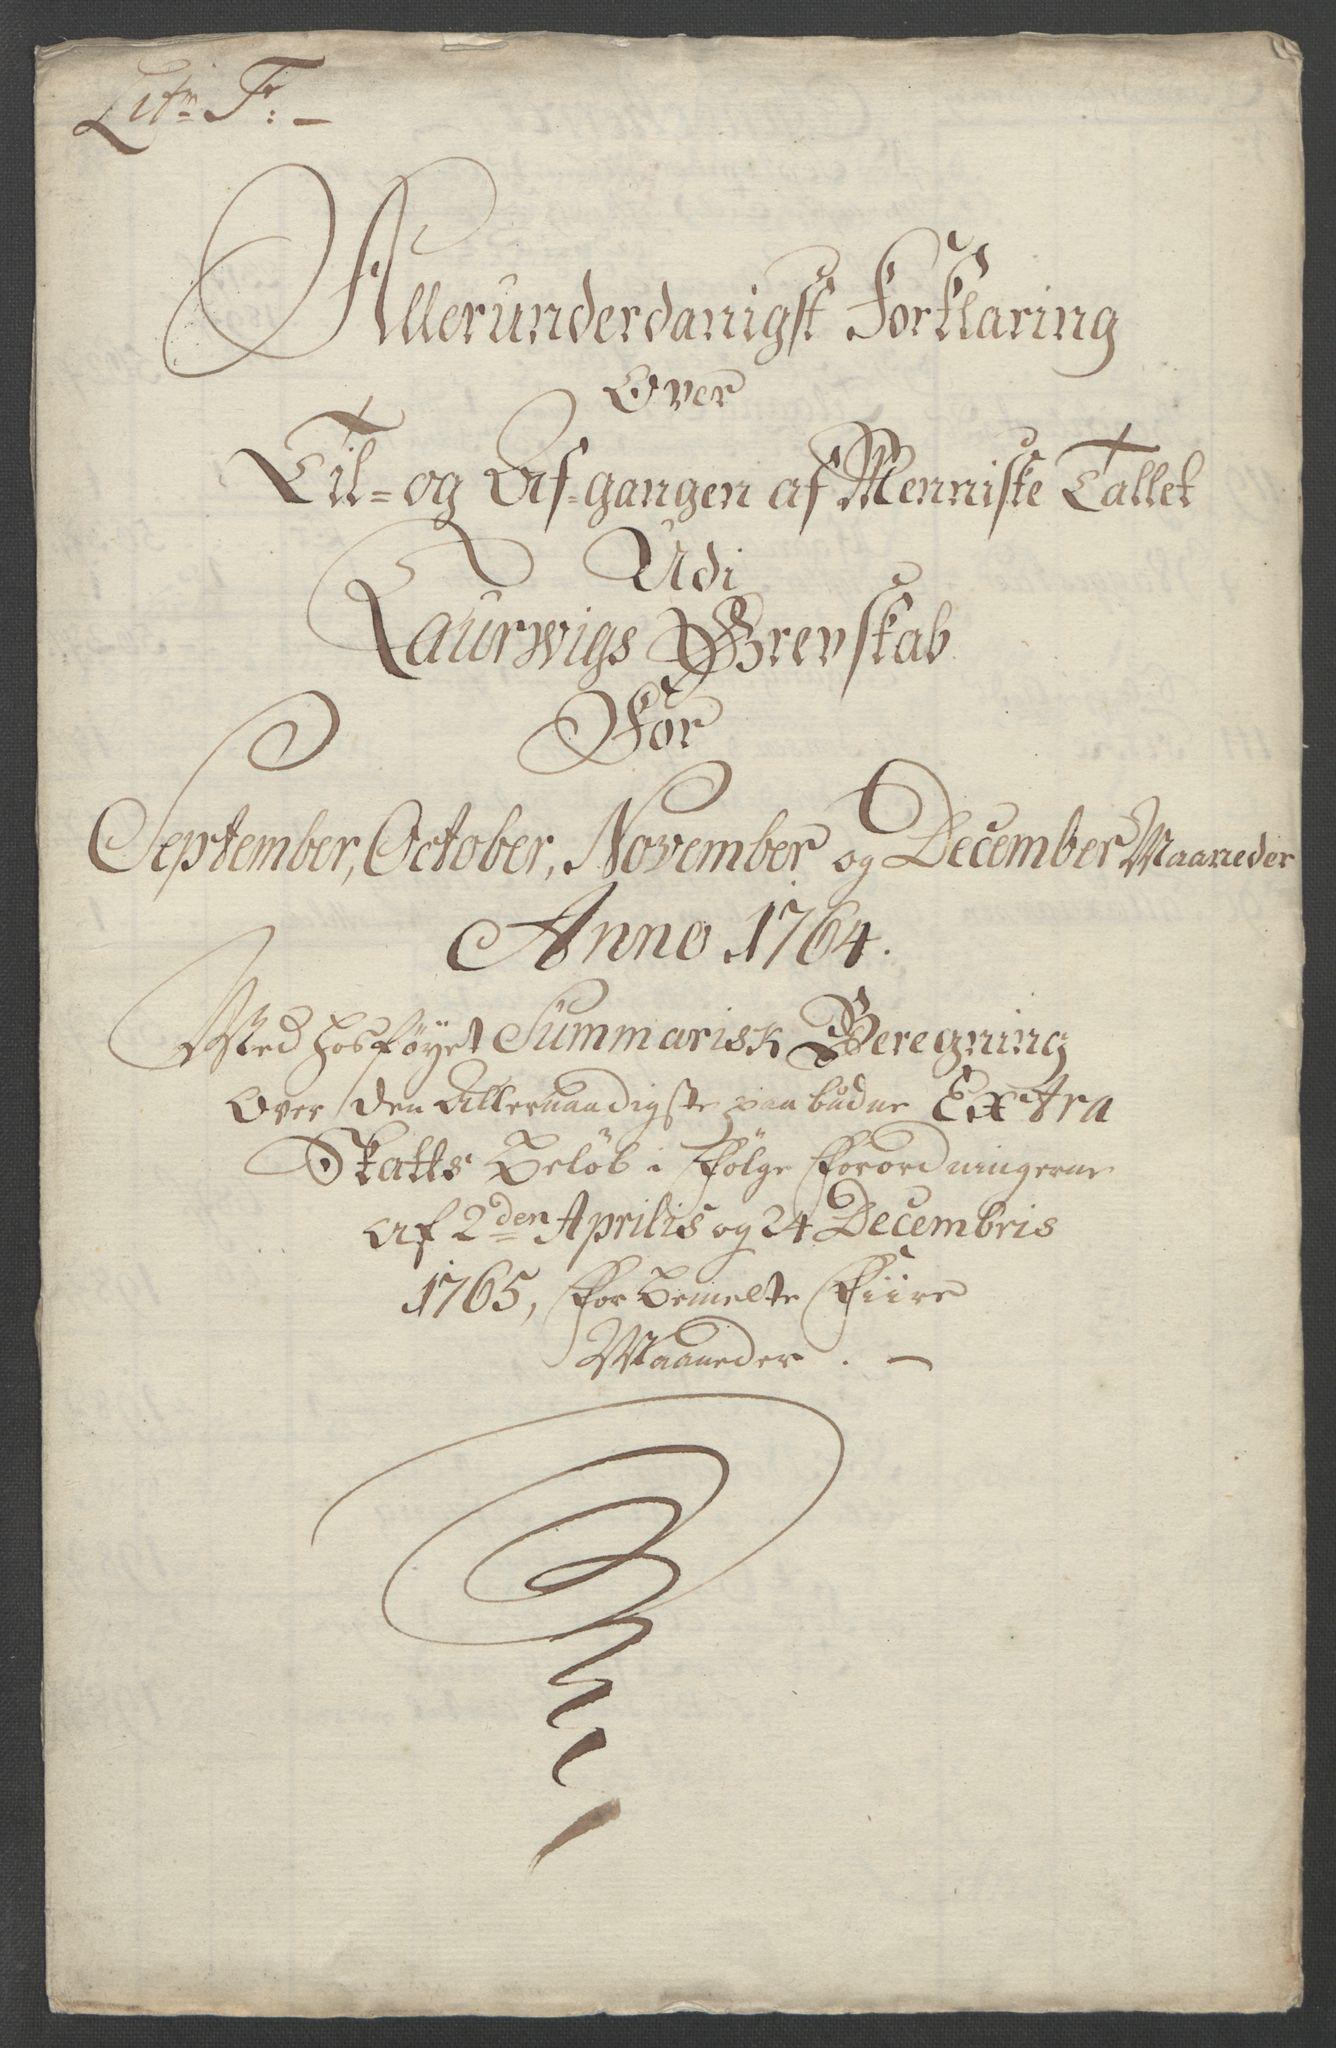 RA, Rentekammeret inntil 1814, Reviderte regnskaper, Fogderegnskap, R33/L2033: Ekstraskatten Larvik grevskap, 1762-1764, s. 568